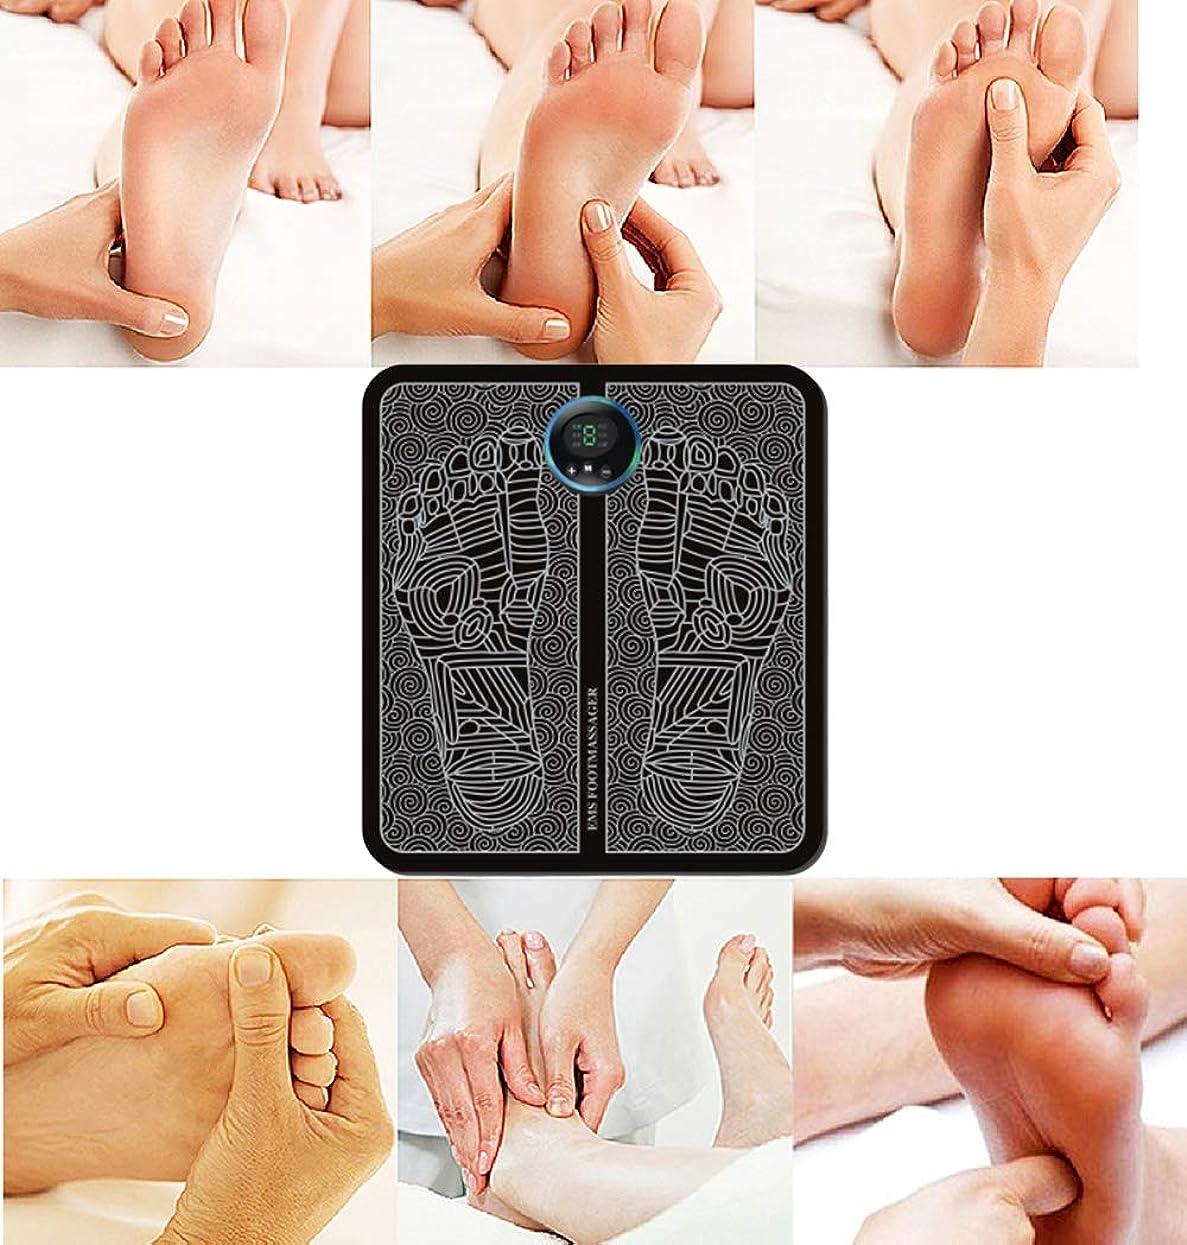 月曜日虚弱バルセロナ足循環装置Intelligent Electric EMS Foot Massage Portable Pad(充電タイプ)